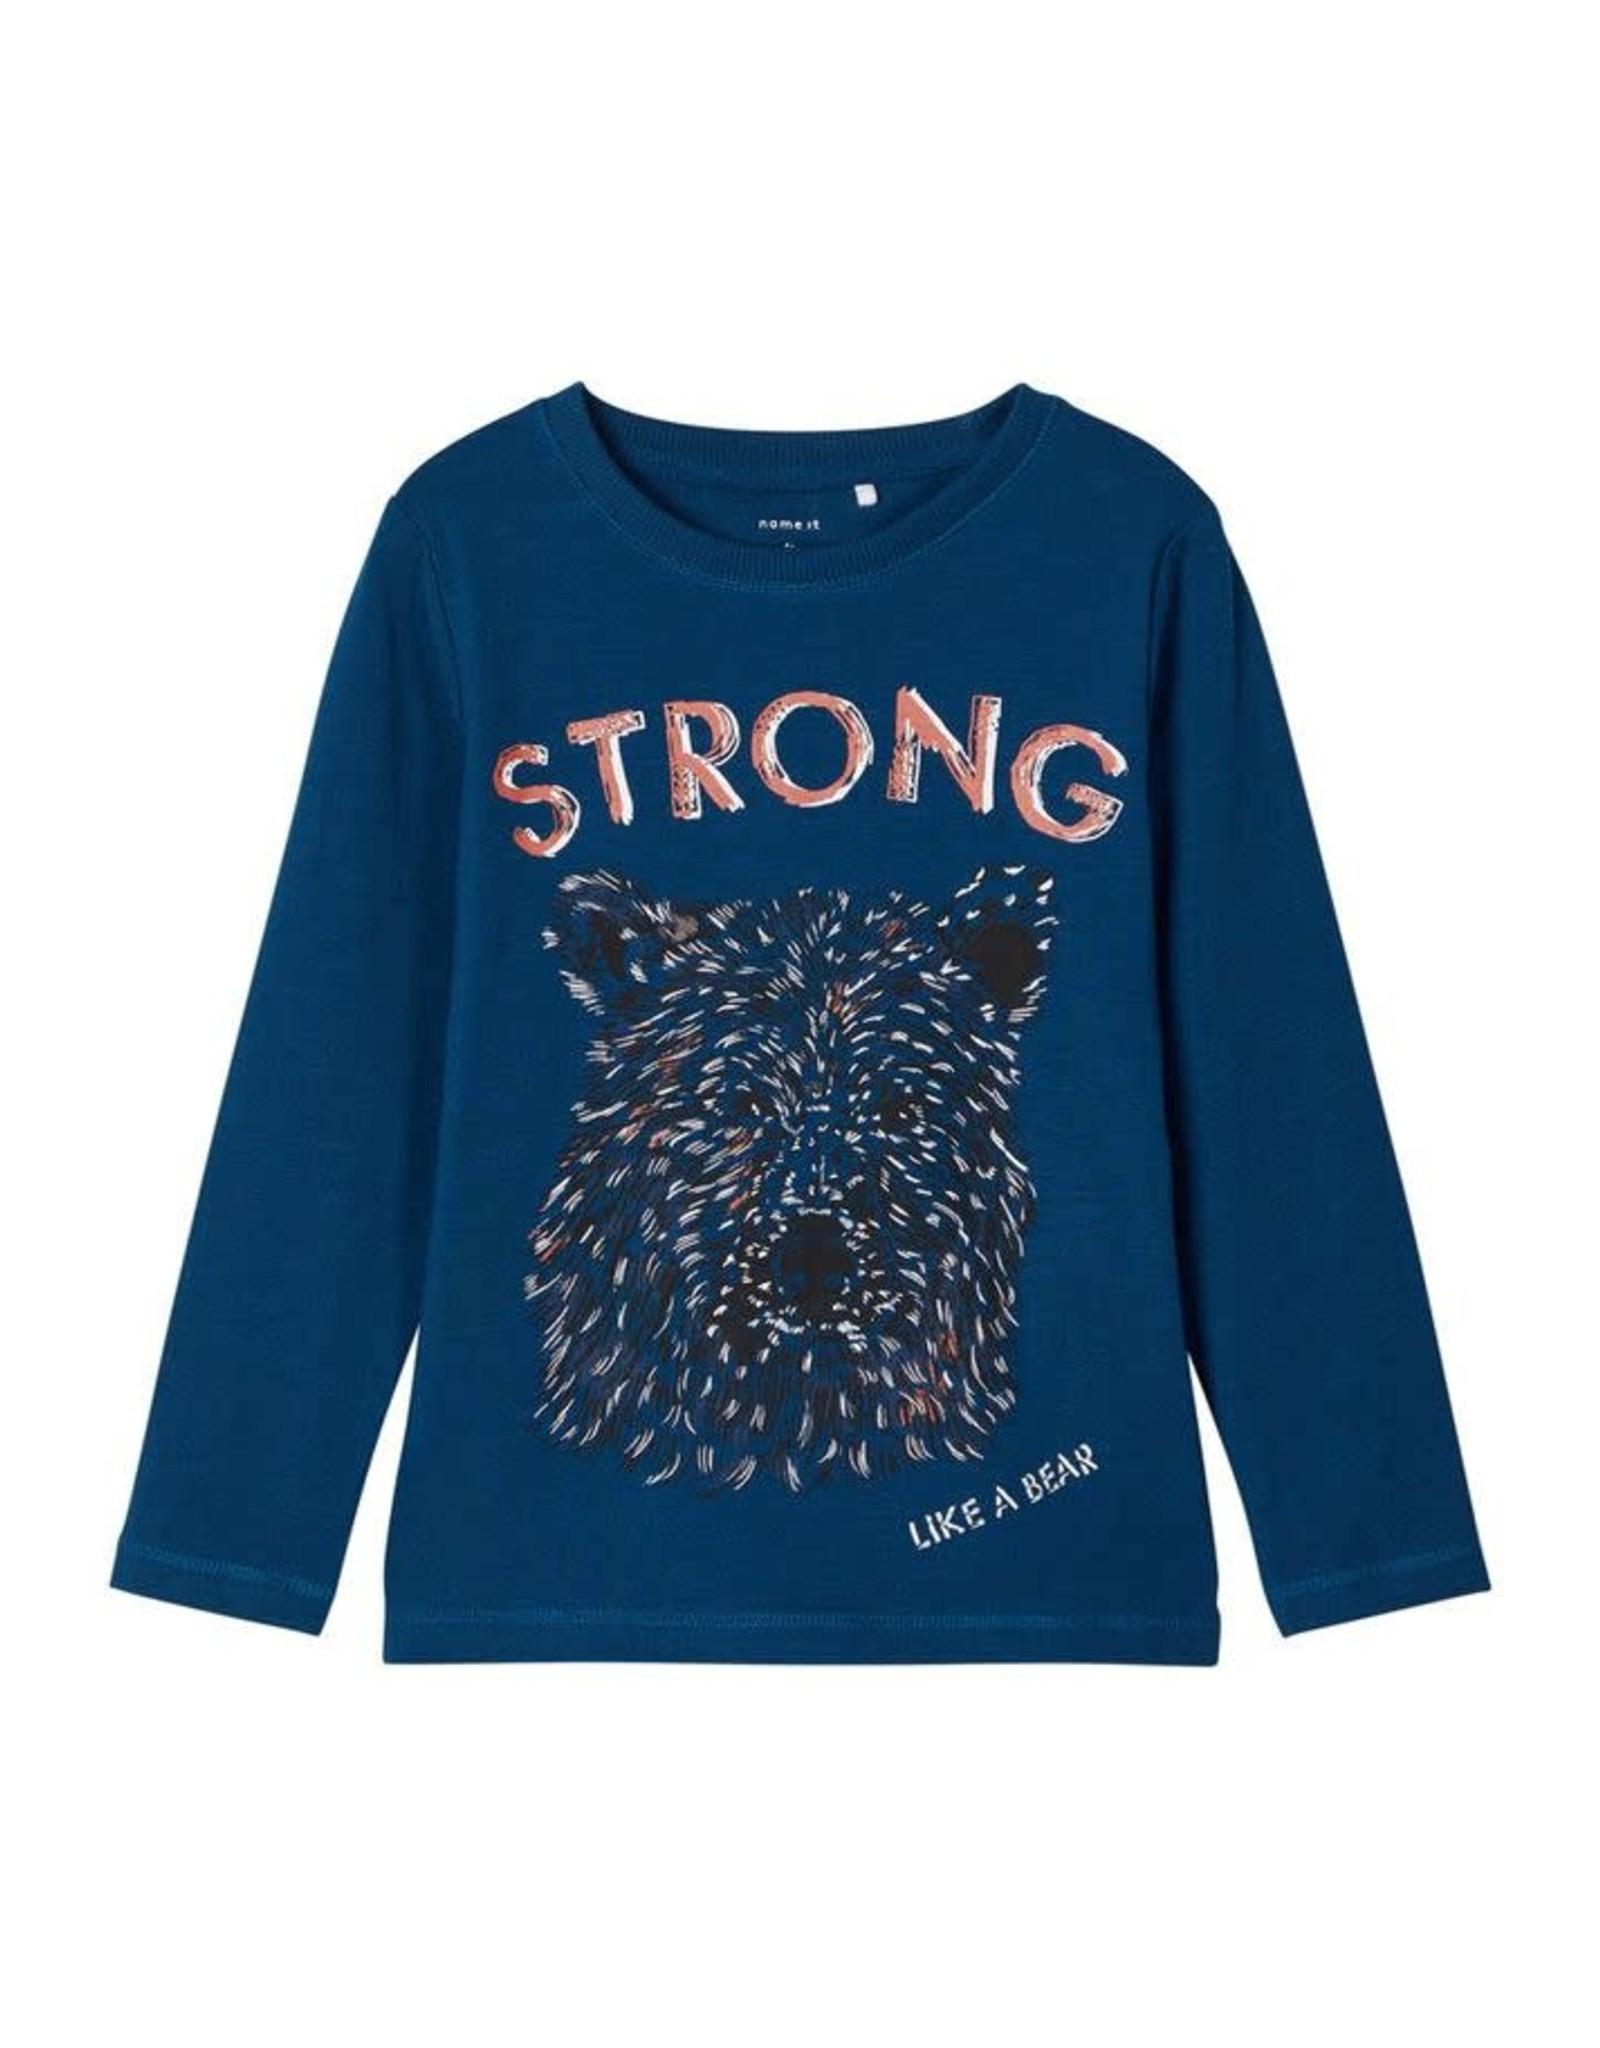 Name It Blauwe t-shirt met beer - LAATSTE MAAT 92